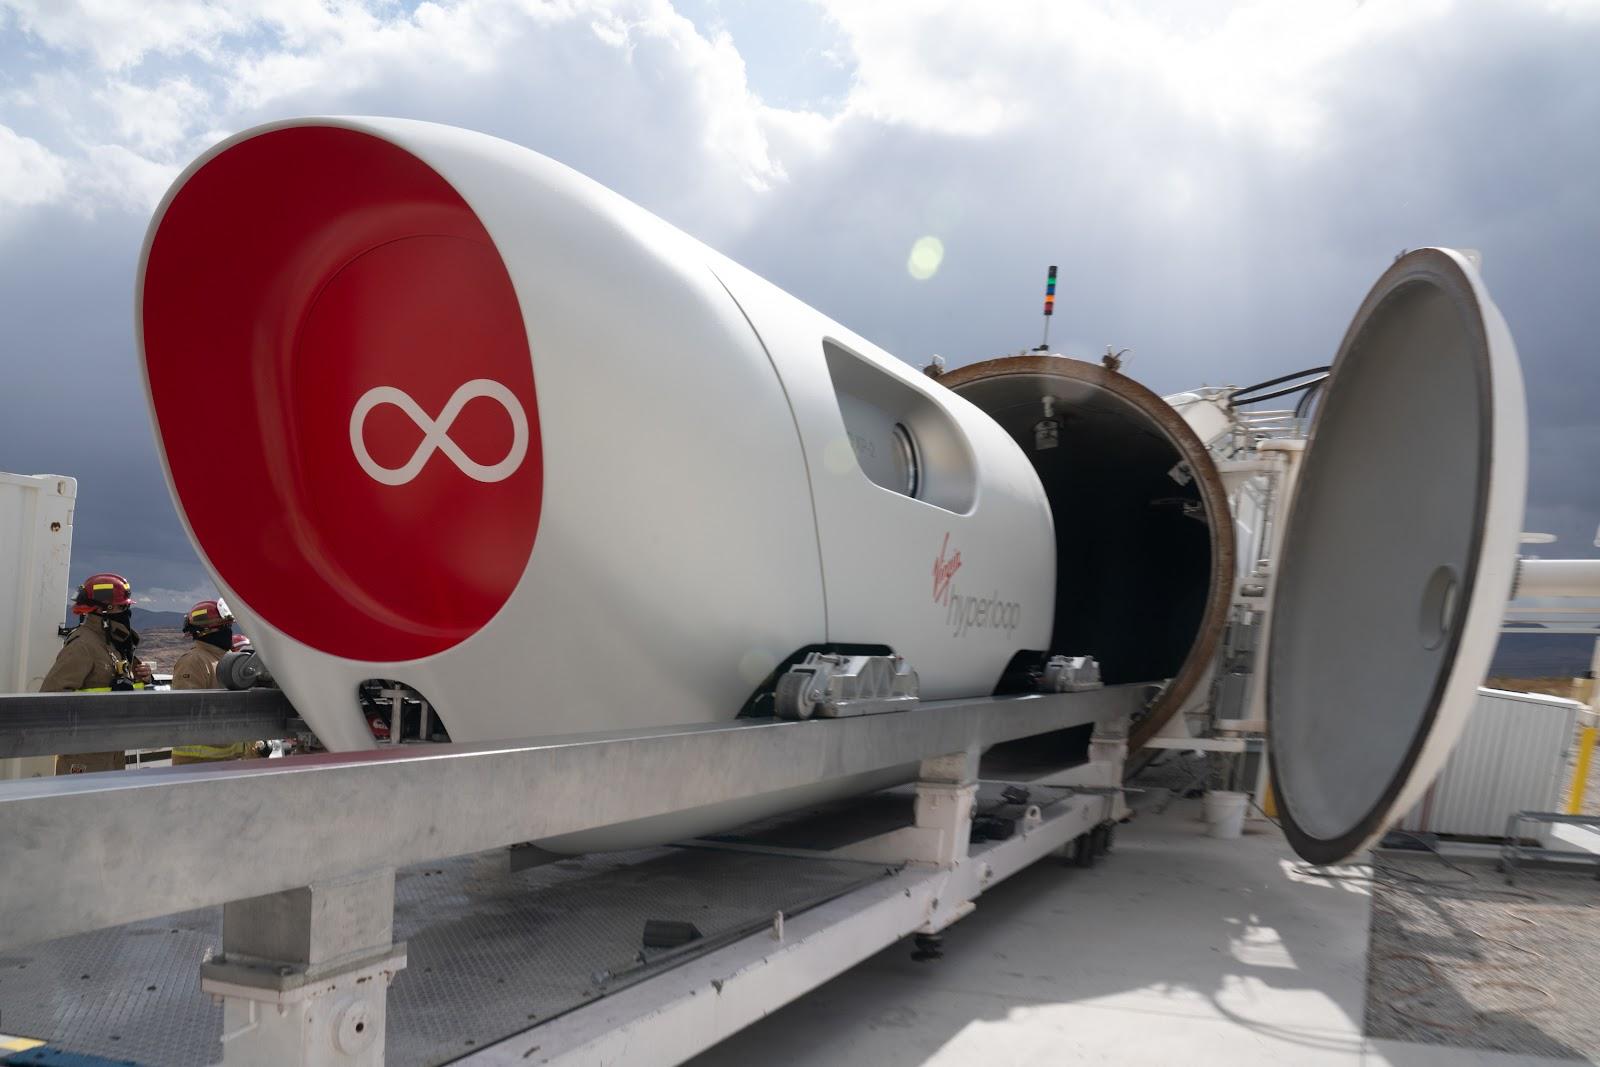 Cápsulas comerciais transportarão de 25 a 30 pessoas. Segundo a empresa, a velocidade pode chegar a mais de 1000 km/h. (Divulgação / Virgin Hyperloop)